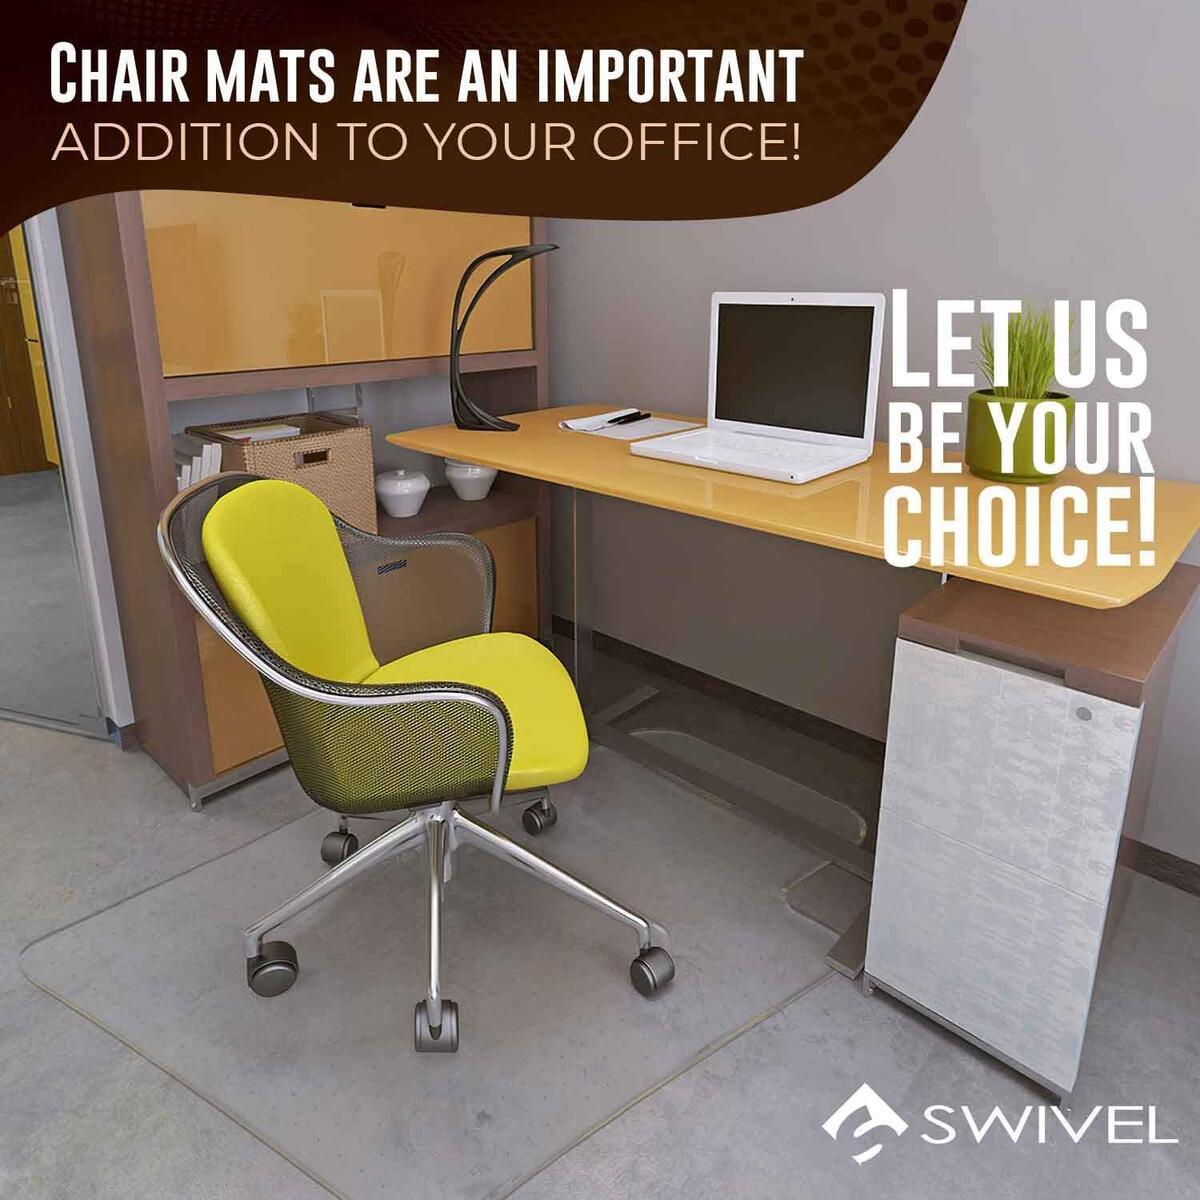 Swivel Chair Mat